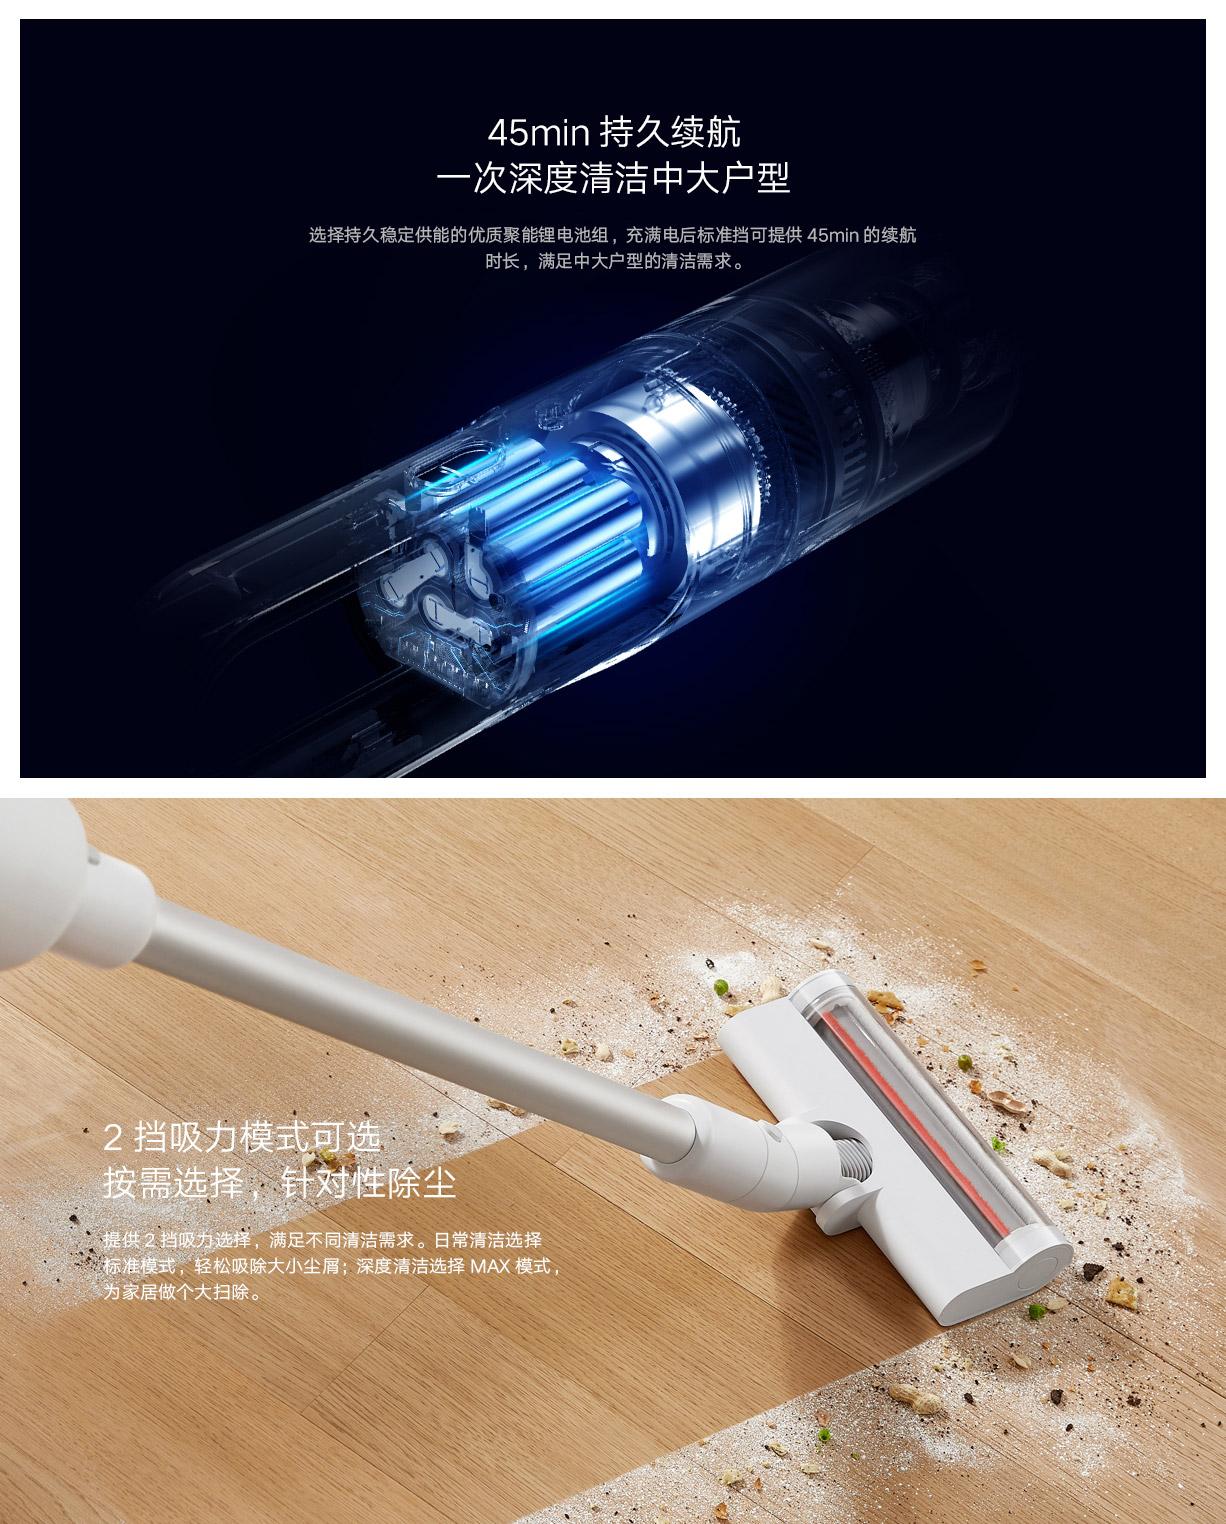 Aspirador Xiaomi lite, con 17Kpa y batería con 1,2Kg - Noticias Xiaomi